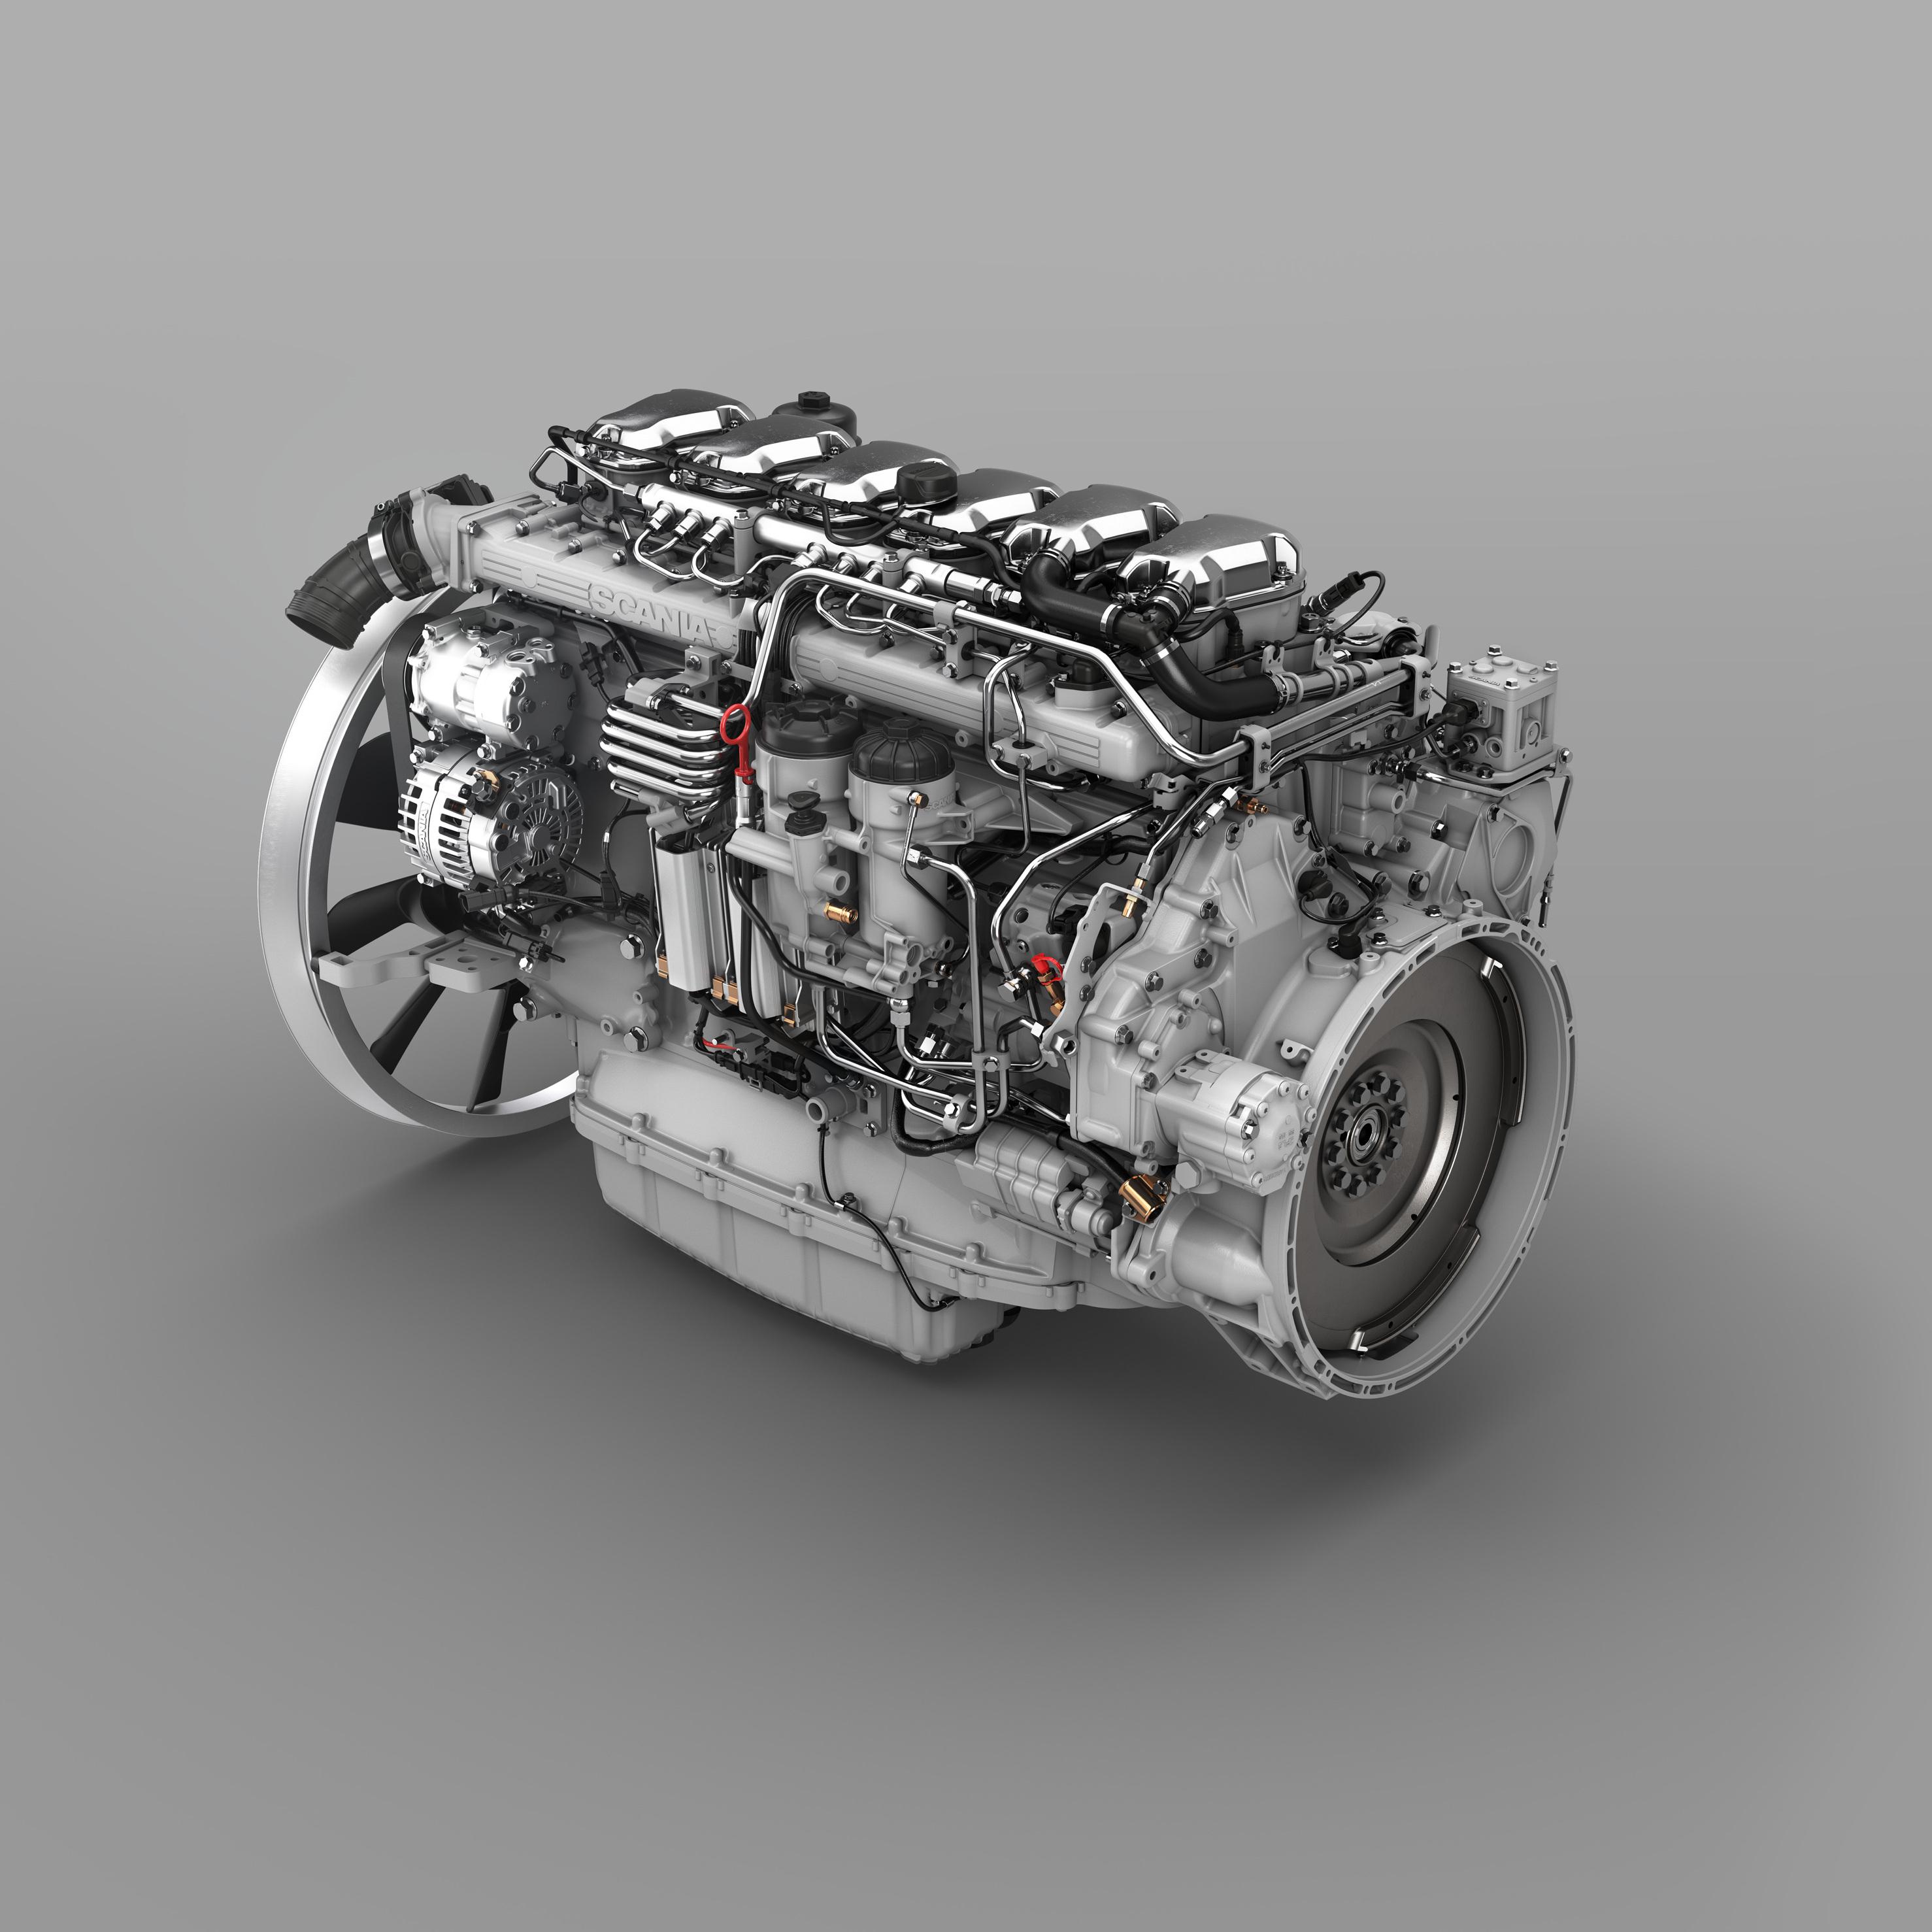 Scania ha mejorado sus motores DC09 y DC13 y ha conseguido un ahorro de combustible extra de hasta un 2%.